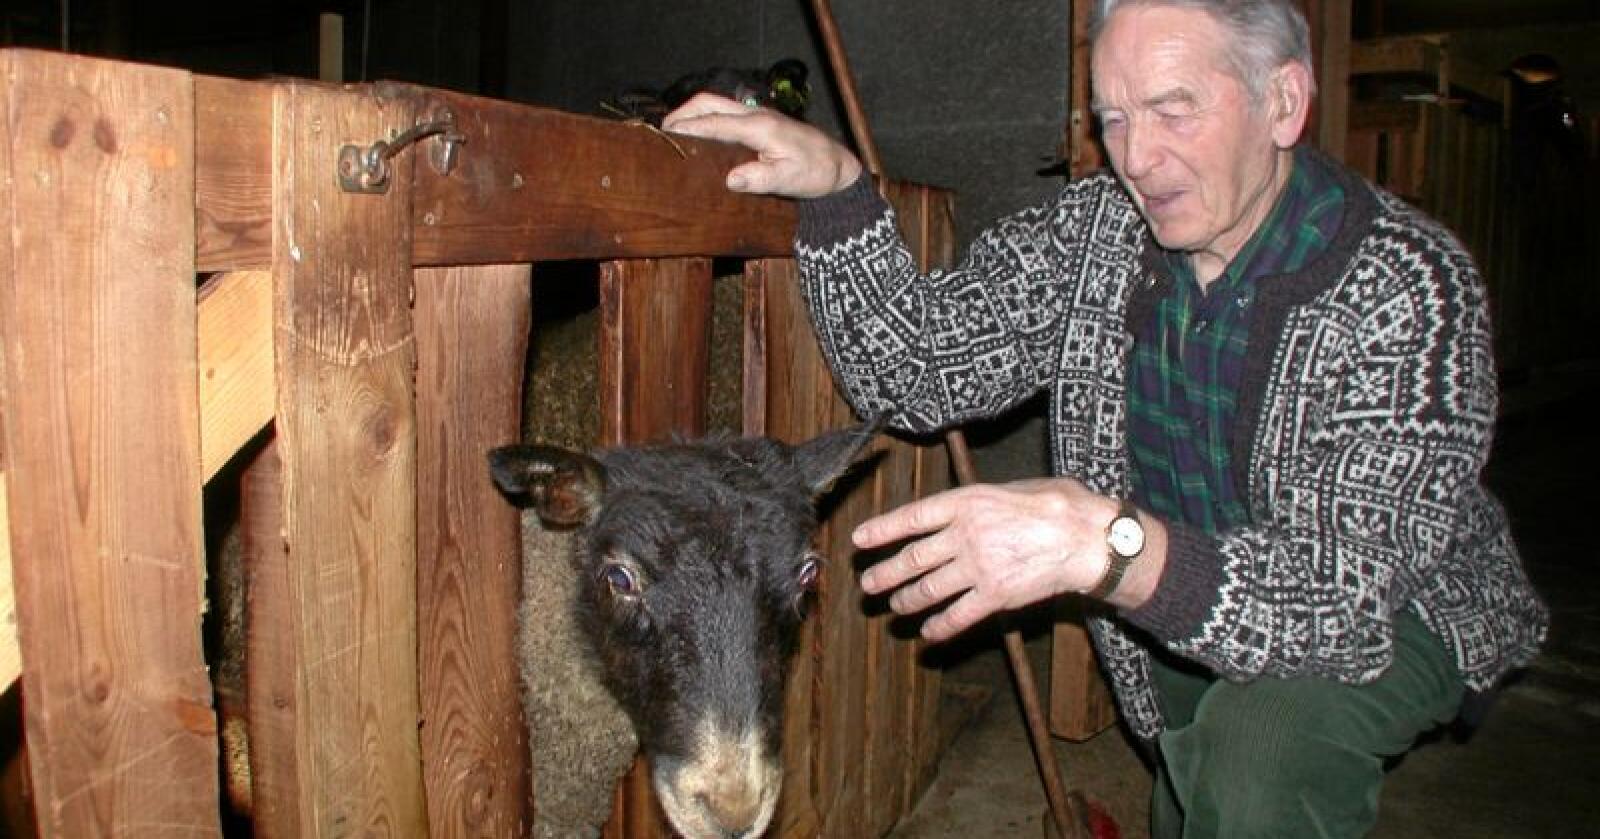 Helge Bergo gjorde et kraftig inntrykk på flere generasjoner av norske bondetillitsvalgte. Her er han fotografert i eget fjøs. Foto: Ragnhild Olsen